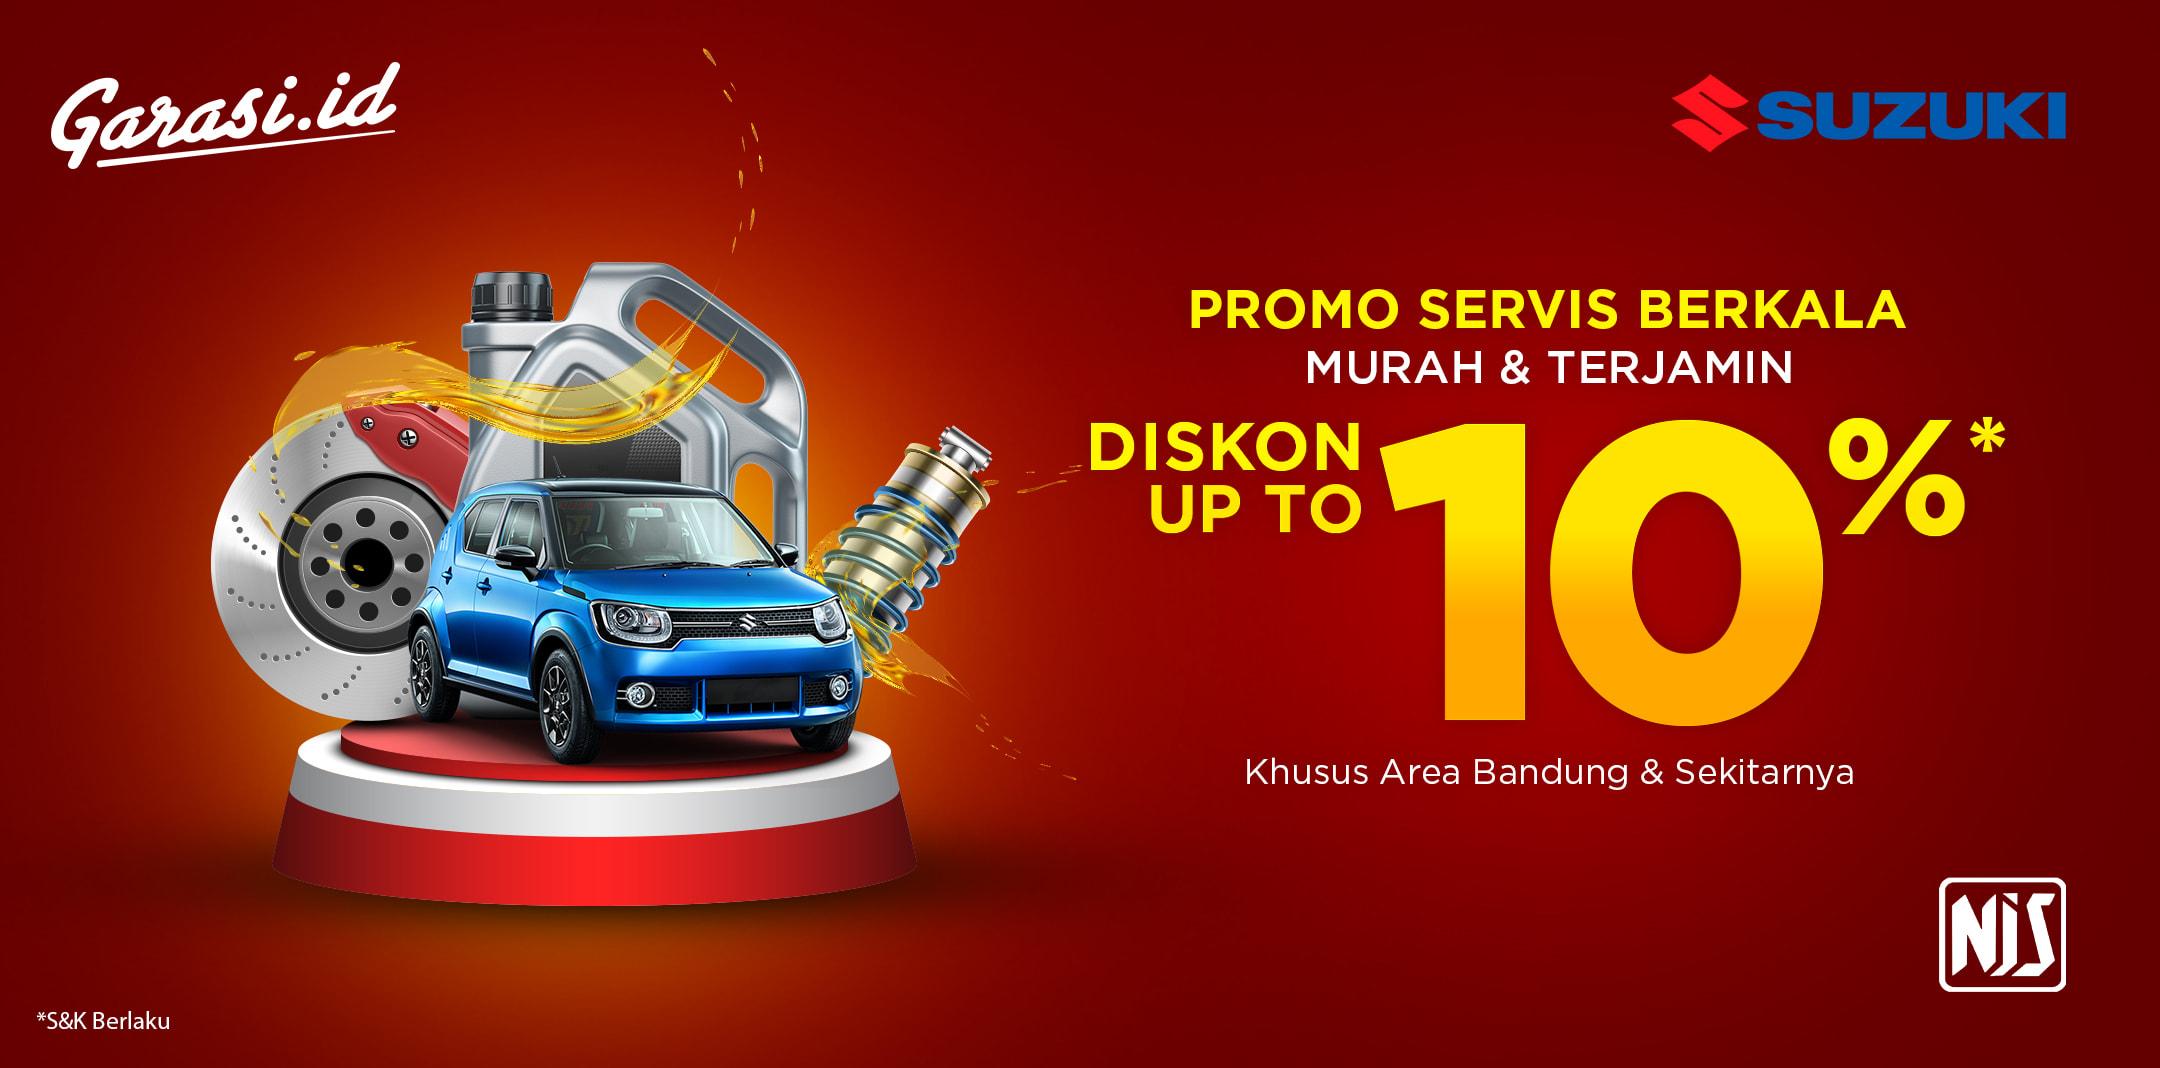 Spesial Promo 10% untuk Pelanggan Suzuki